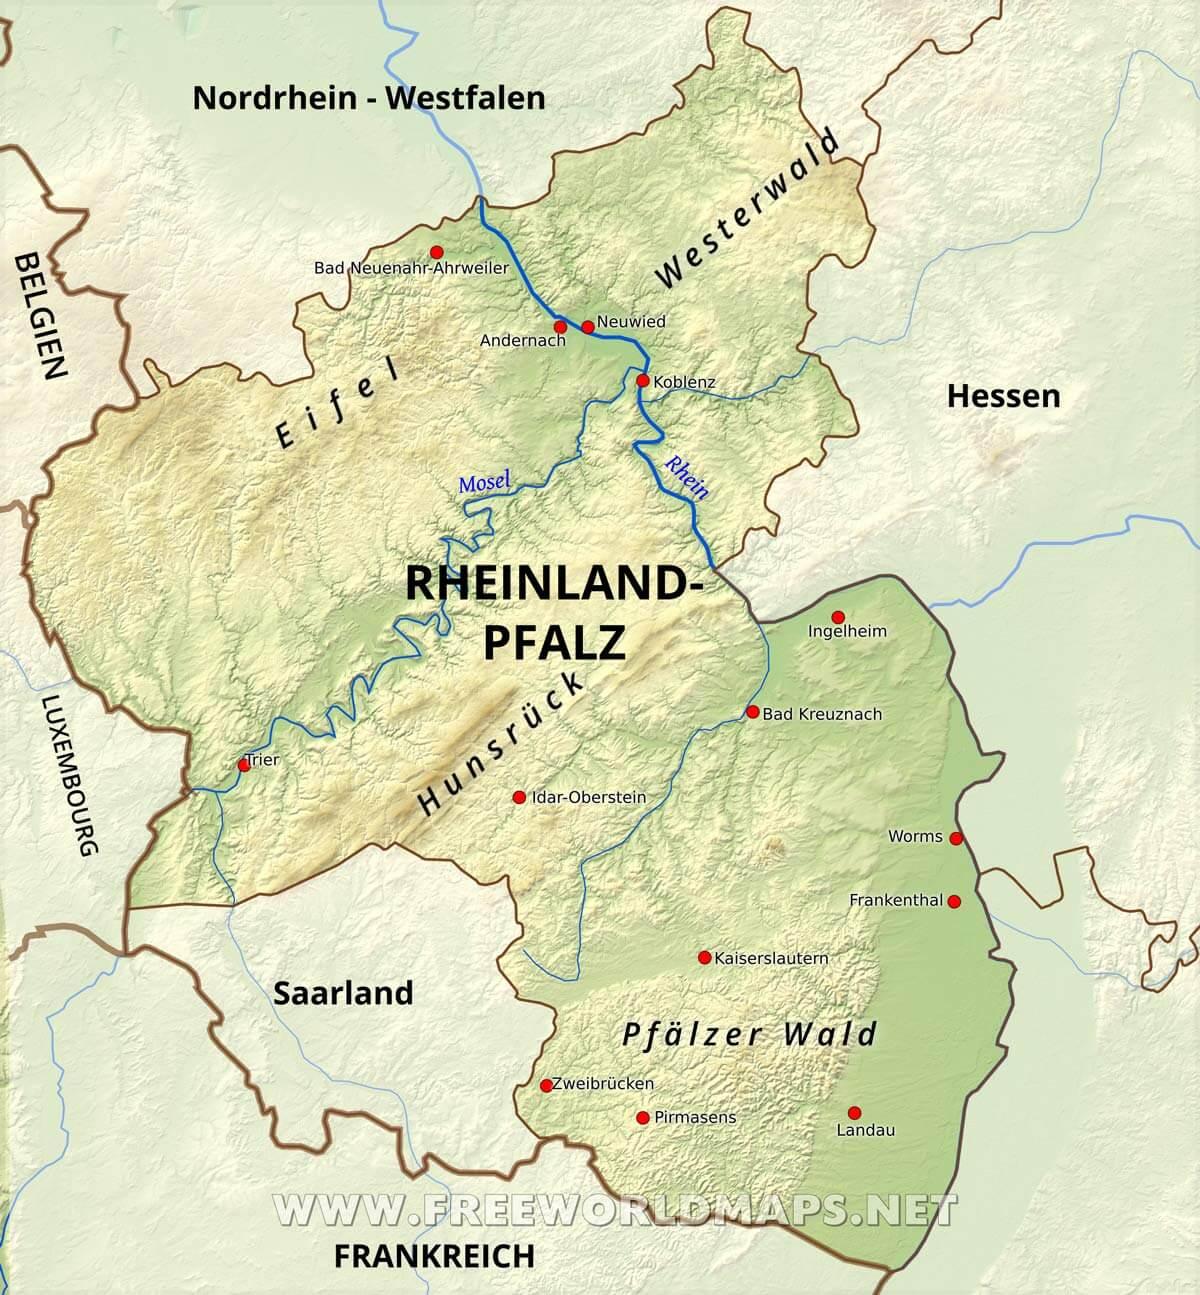 Rheinland Pfalz Karte Freeworldmaps Net